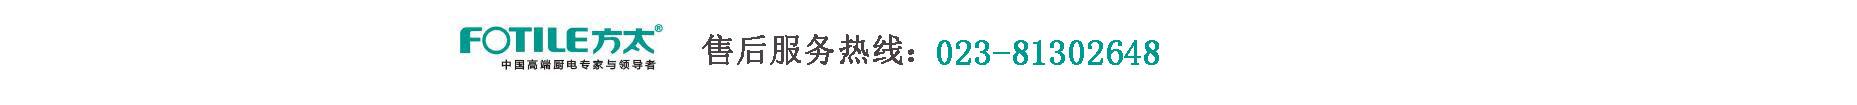 重庆方太油烟机维修中心